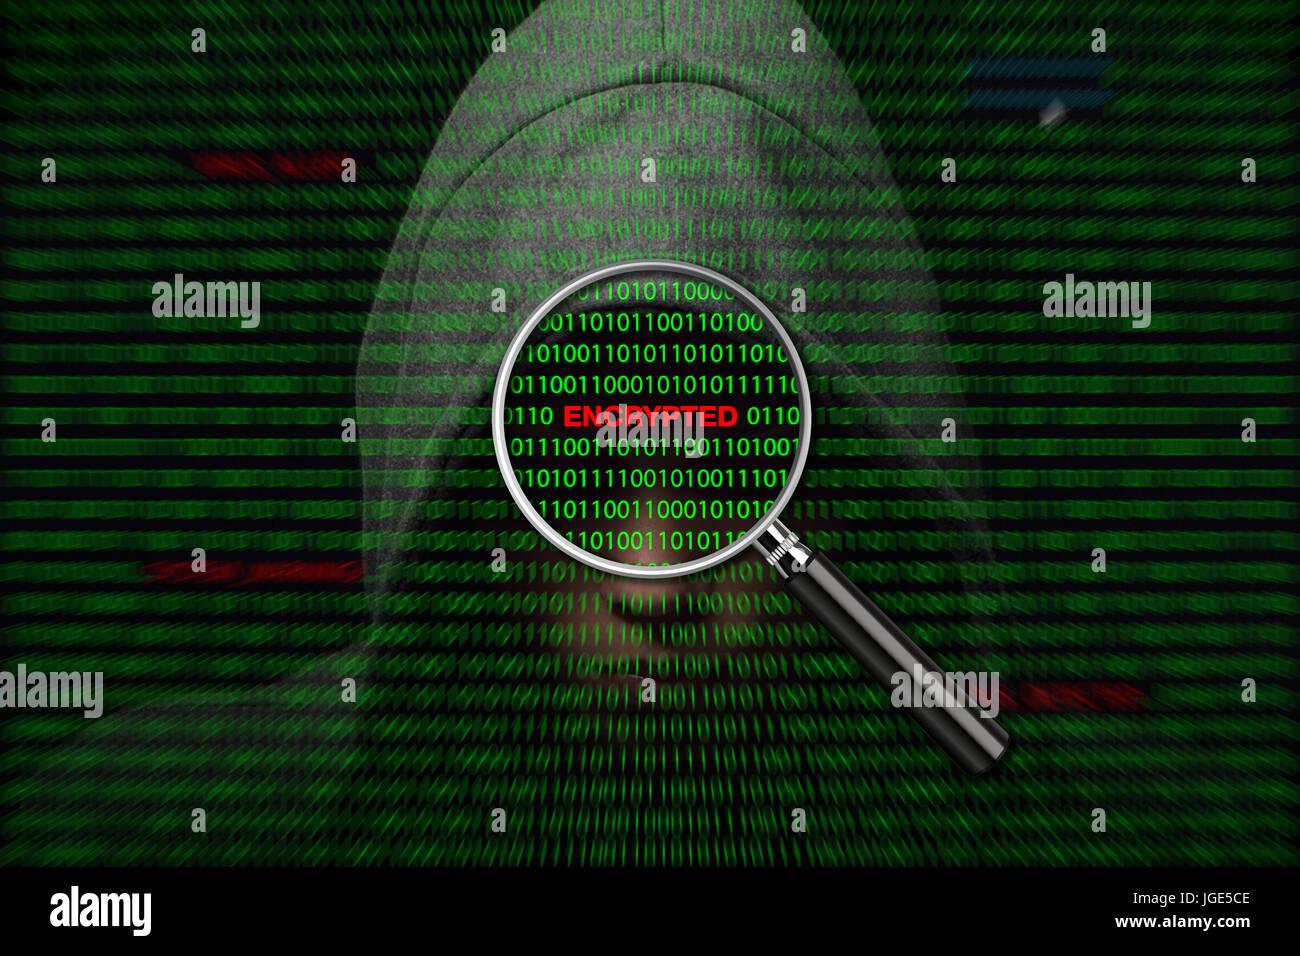 Hacker sur un écran avec un code binaire et chiffré les messages d'avertissement Photo Stock